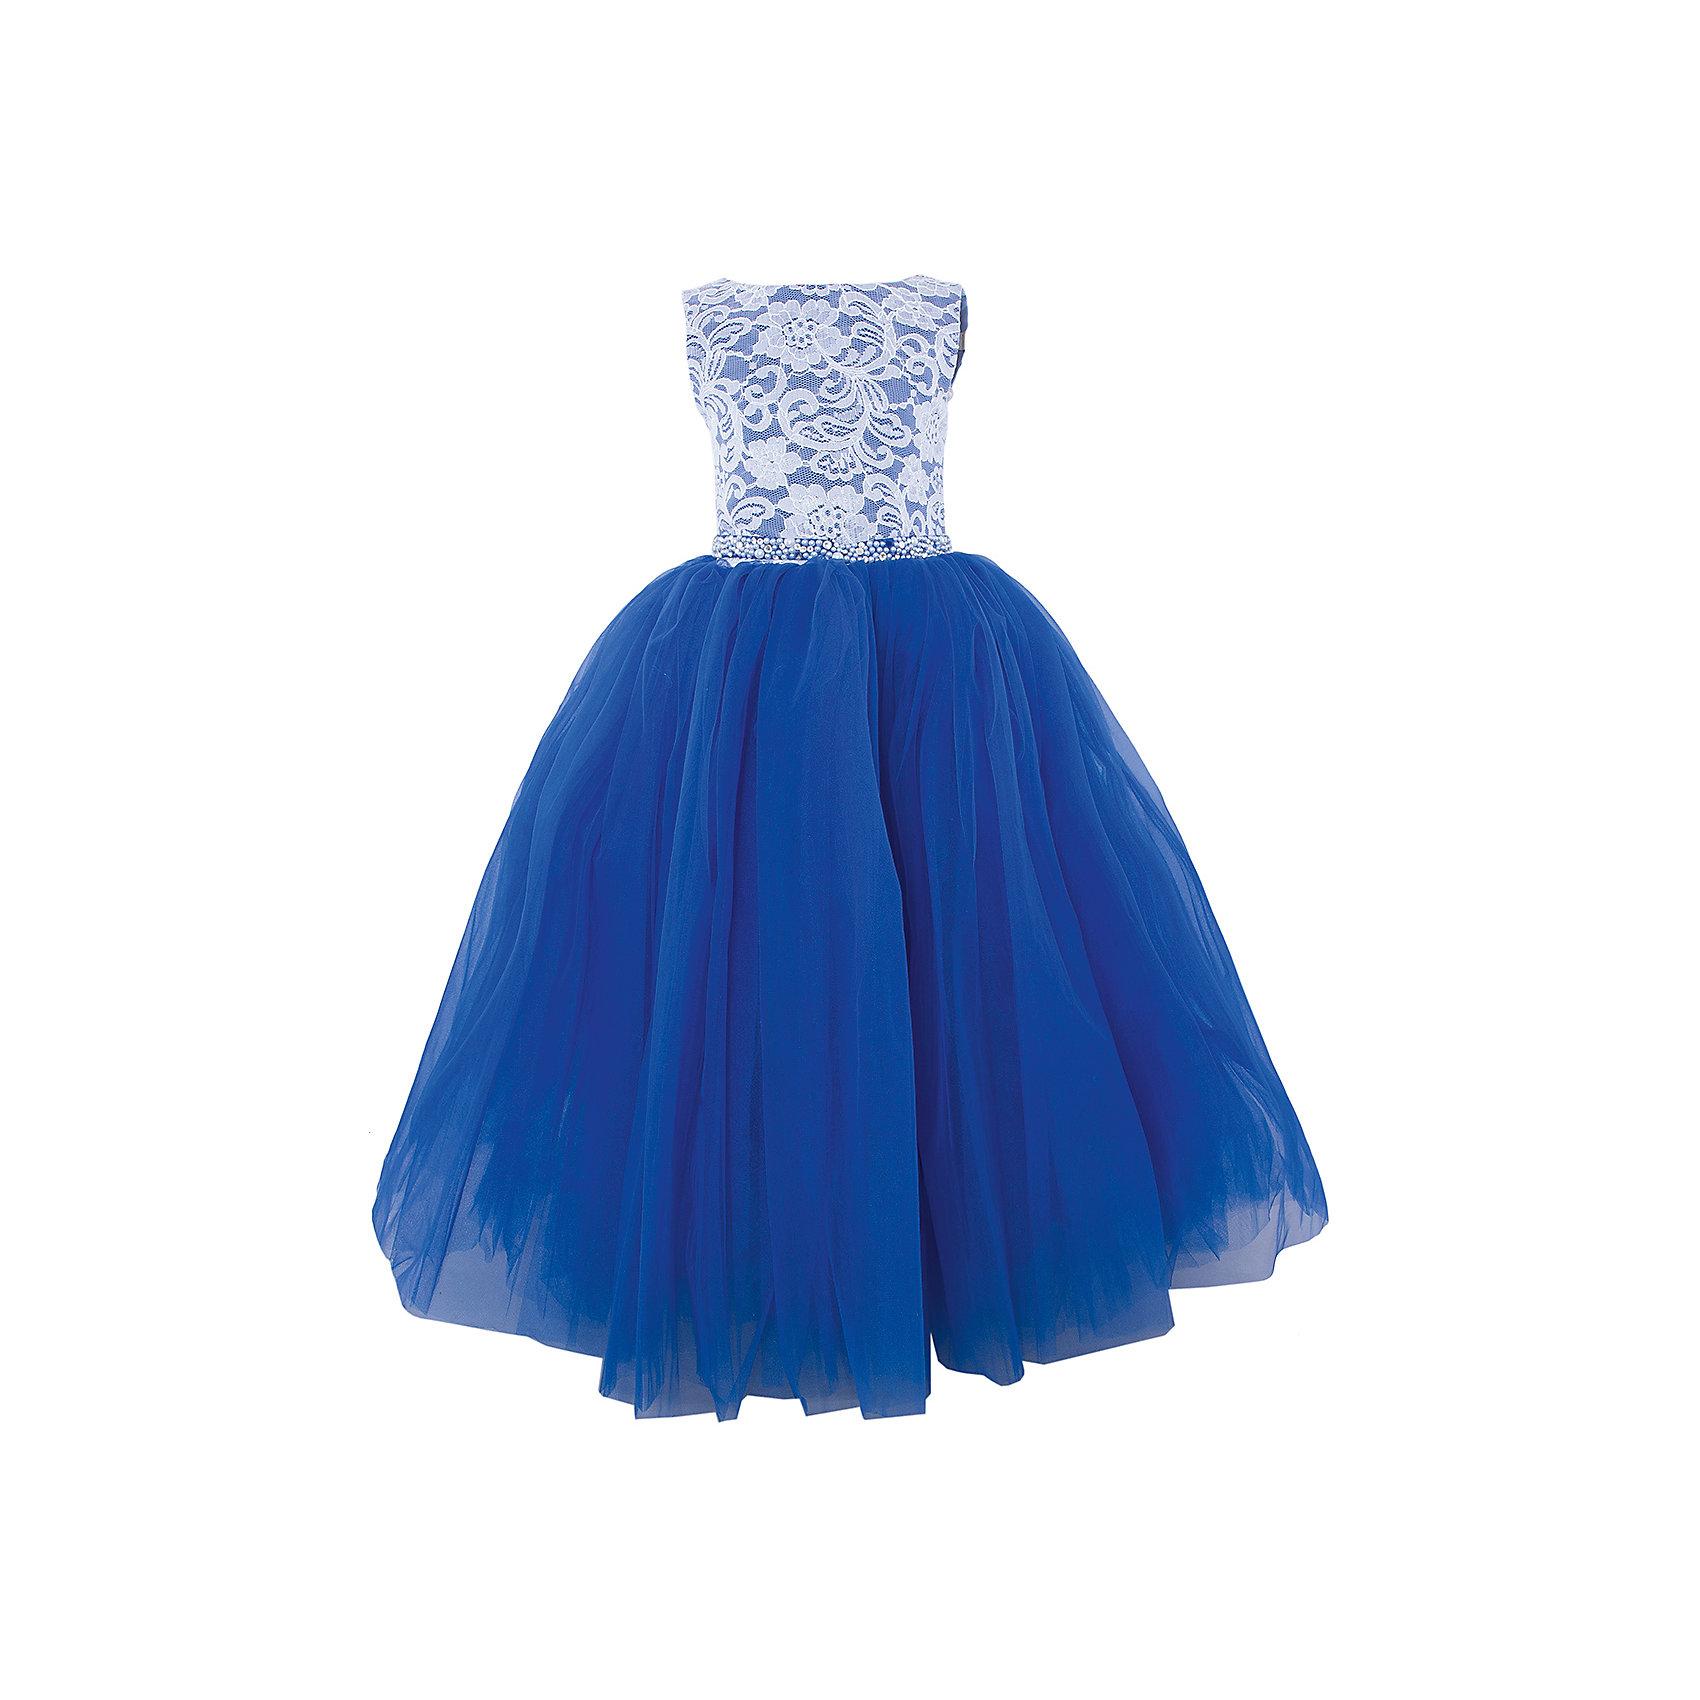 Платье нарядное ПрестижПлатье для девочки Престиж<br><br>Характеристики:<br><br>• длинное<br>• без рукавов<br>• цвет: синий<br>• состав: 100% полиэстер<br><br>Роскошное платье для девочки Престиж отлично подойдет для прекрасного бала или торжества. Лиф на корсете можно утянуть при необходимости. Пышный низ платья дополнен элегантным верхом с кружевом и вышивкой. Кроме того, лиф декорирован бусами и стразами. Пояс на платье завязывается сзади. В таком платье девочка станет самой прекрасной дамой на празднике!<br><br>Платье регулируется шнуровкой сзади, от талии до верха спинки. Шнуровка в комплекте.<br>Платье подходит для занятий бальными танцами.<br><br>Вы можете купить платье для девочки Престиж в нашем интернет-магазине.<br><br>Ширина мм: 236<br>Глубина мм: 16<br>Высота мм: 184<br>Вес г: 177<br>Цвет: синий<br>Возраст от месяцев: 108<br>Возраст до месяцев: 120<br>Пол: Женский<br>Возраст: Детский<br>Размер: 128,116,122<br>SKU: 5158326